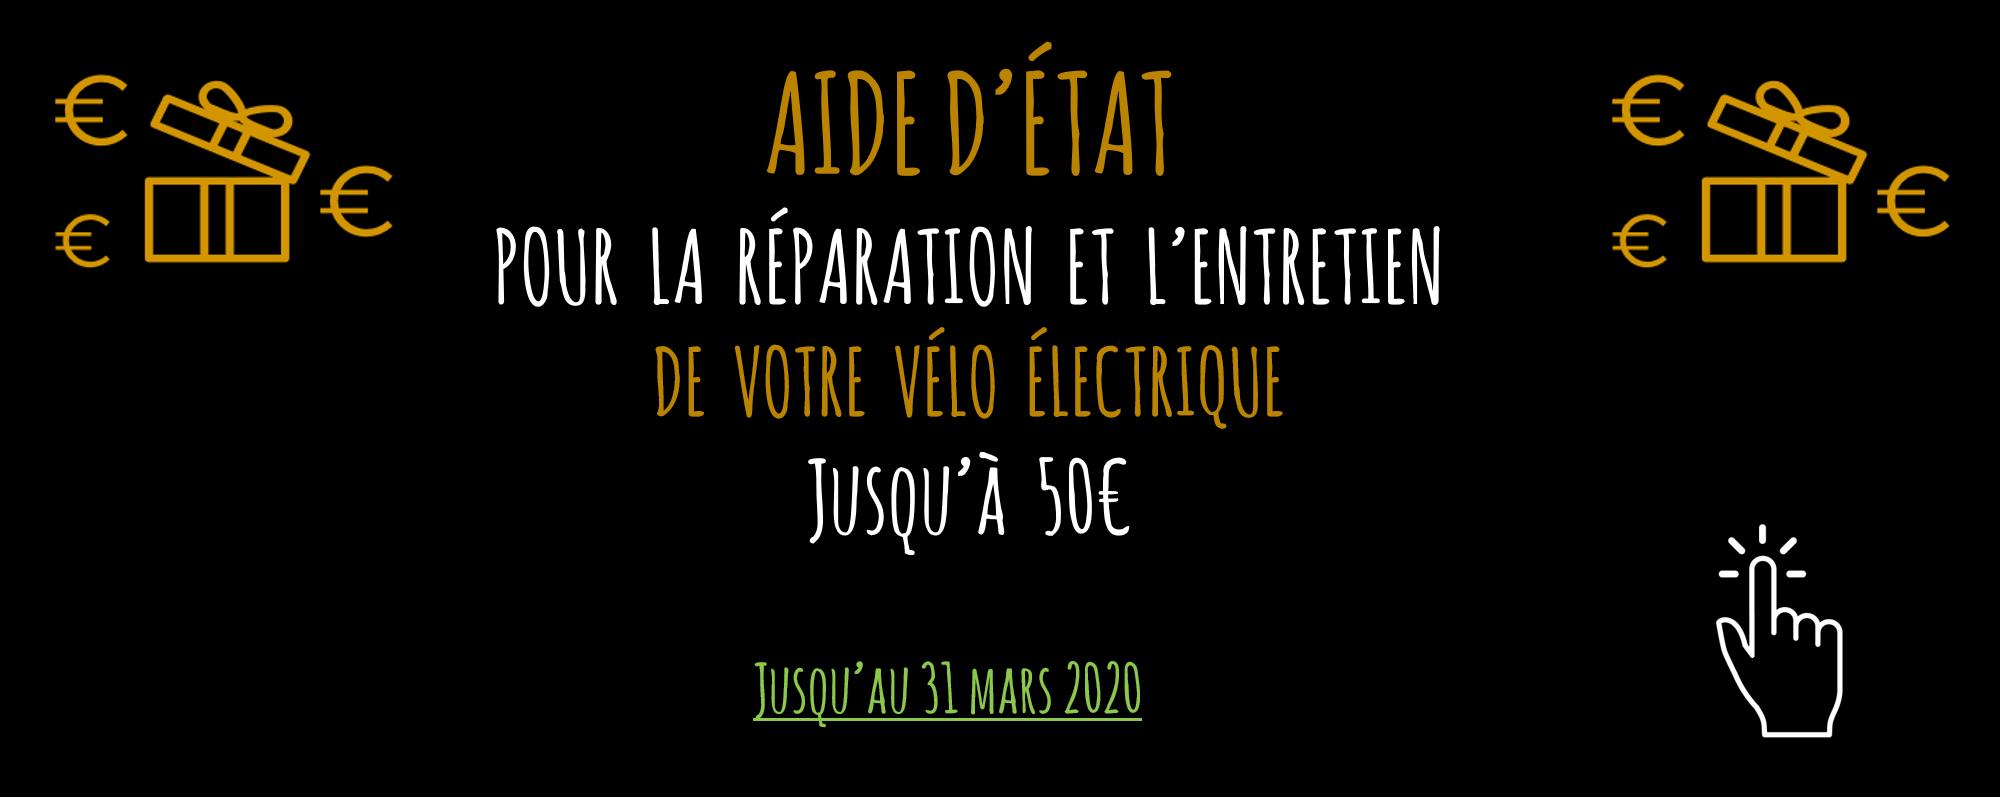 Avec le Réseau Stations Bee's bénéficiez de l'aide d'état jusqu'à 50€ pour la réparation et l'entretien de votre vélo